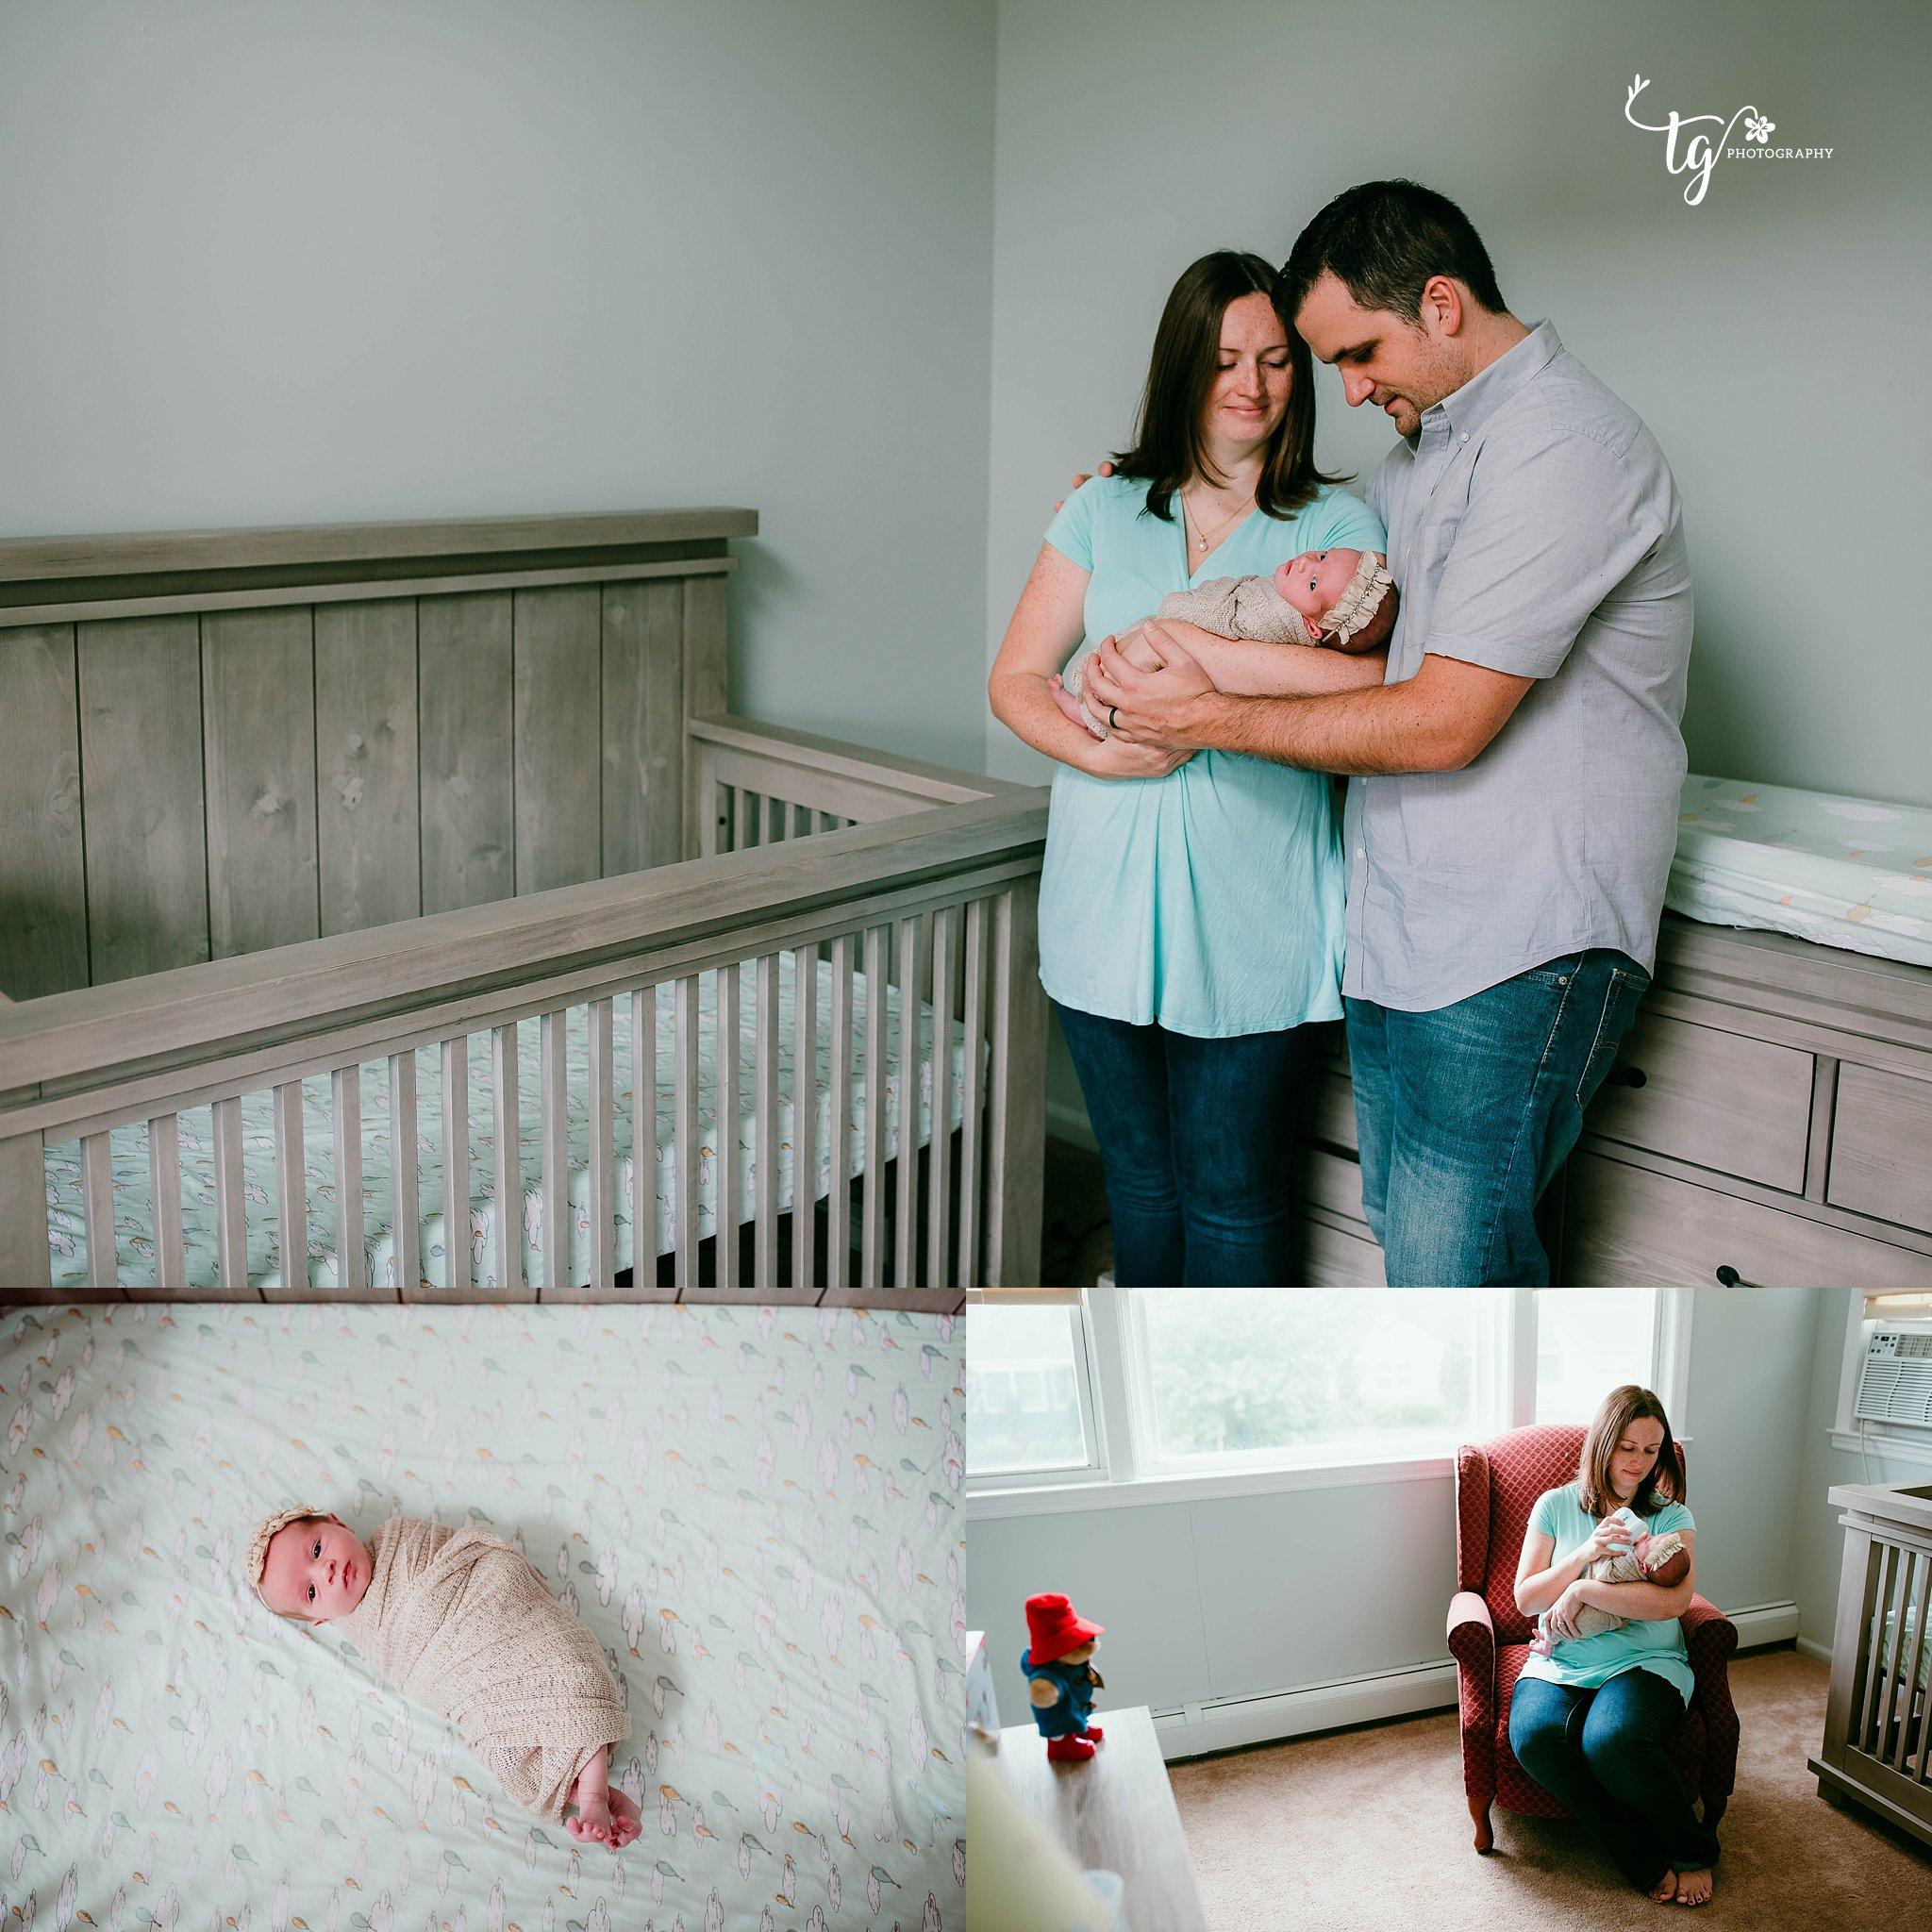 Long Island baby phtoographer